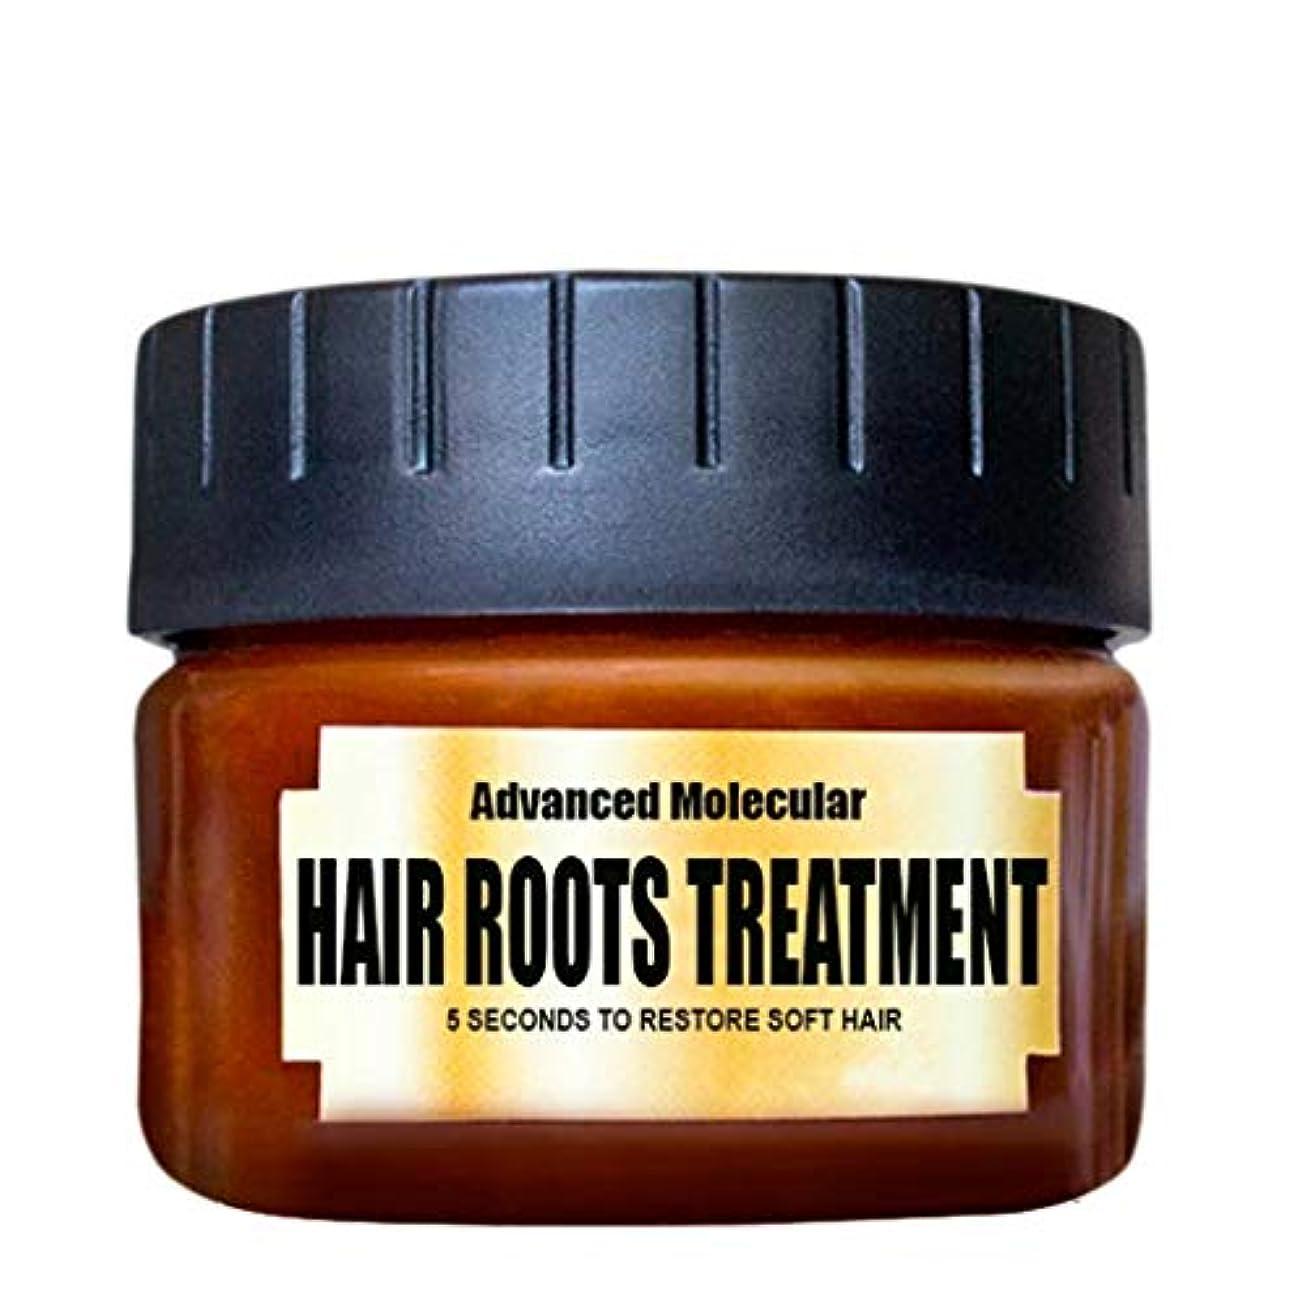 義務レディサイドボードDOUJI 天然植物成分 ヘアケア リッチリペア コンディショナー60ml コンディショナー 髪の解毒ヘアマスク高度な分子毛根治療回復エクストラダメージケア トリートメント